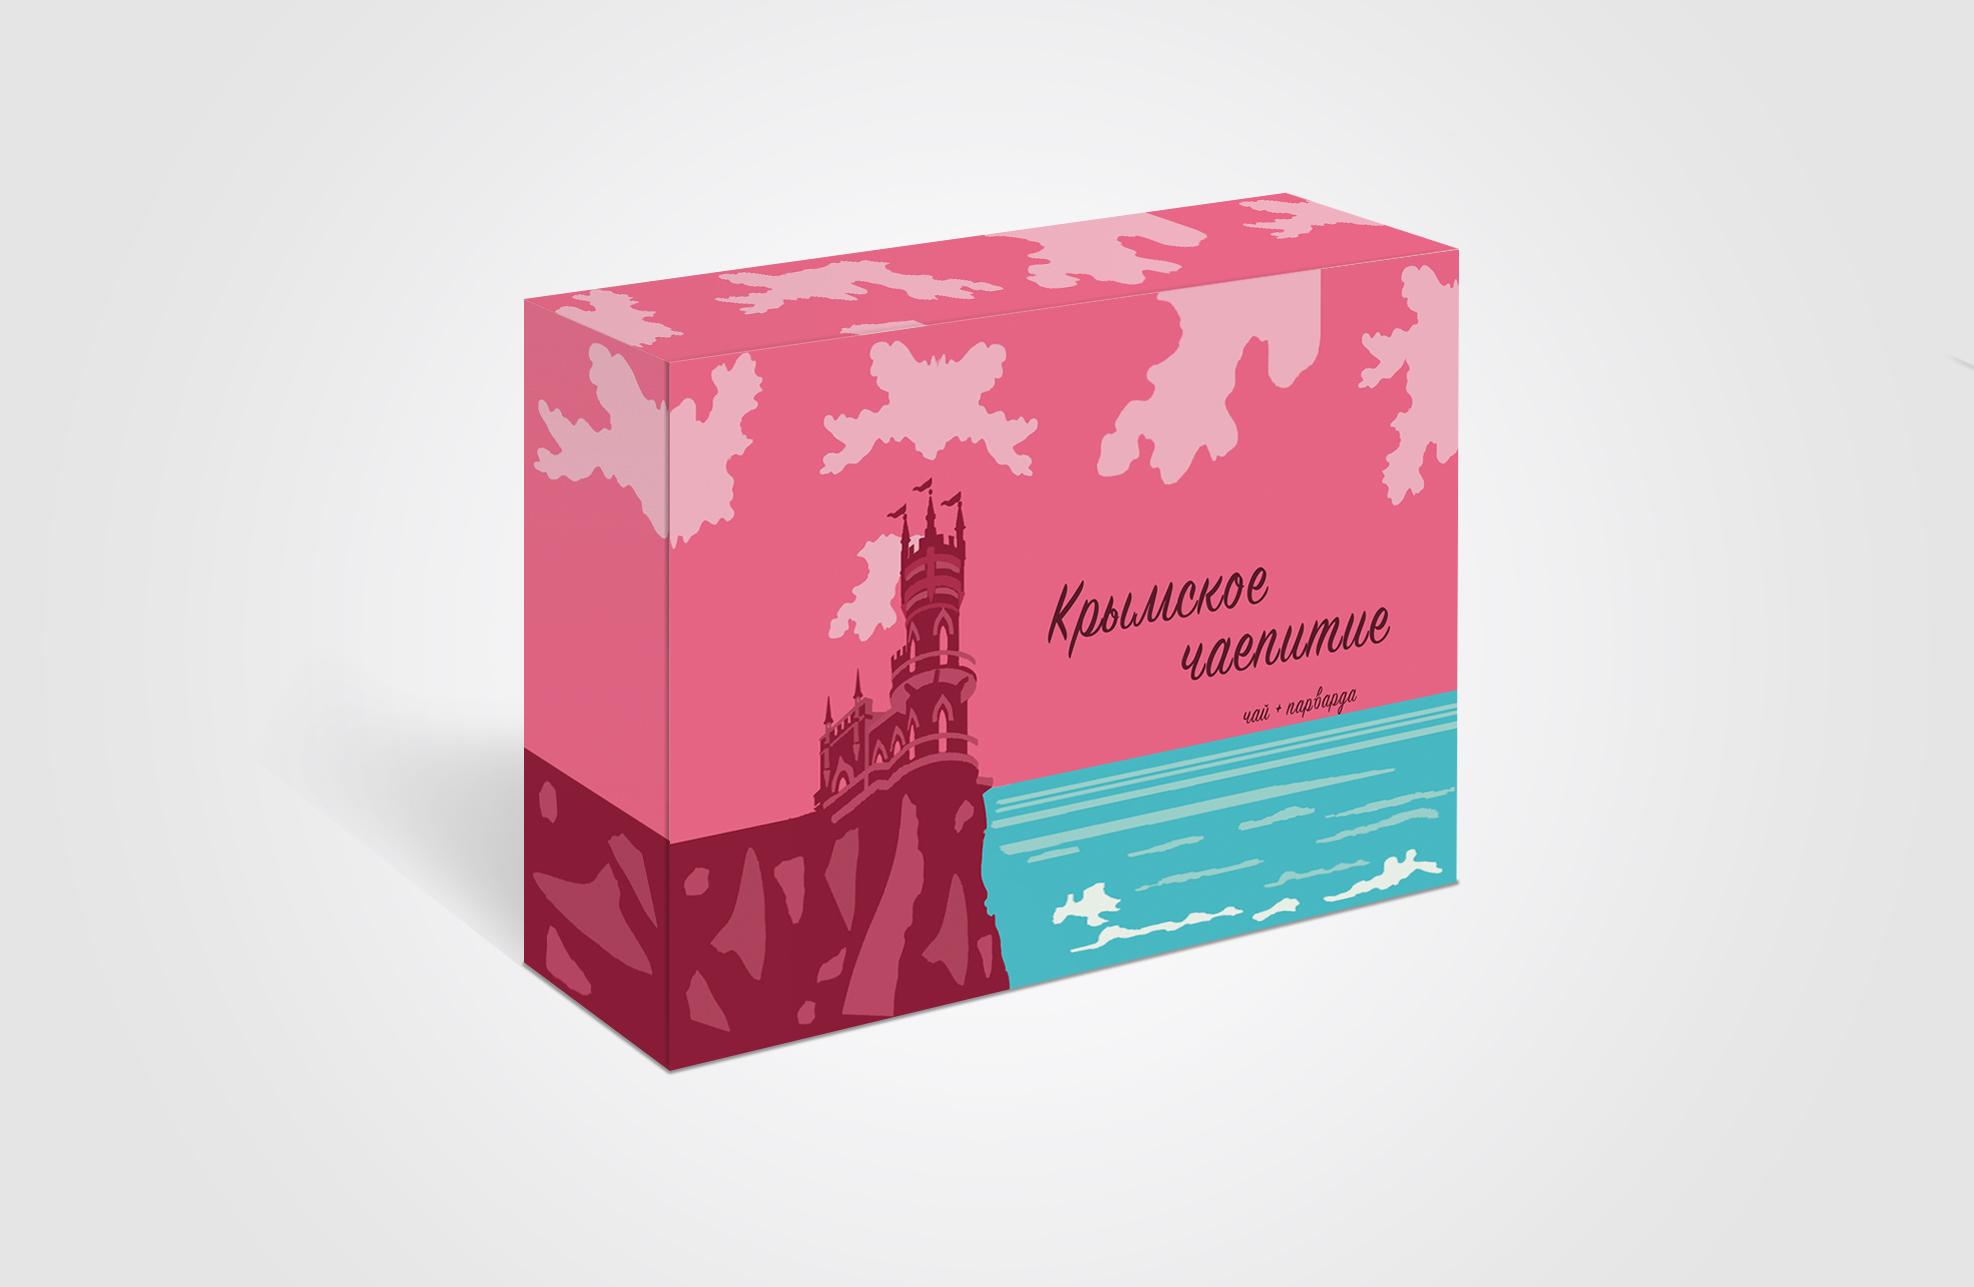 Дизайн коробки сувенирной  чай+парварда (подарочный набор) фото f_0645a539a956d778.jpg